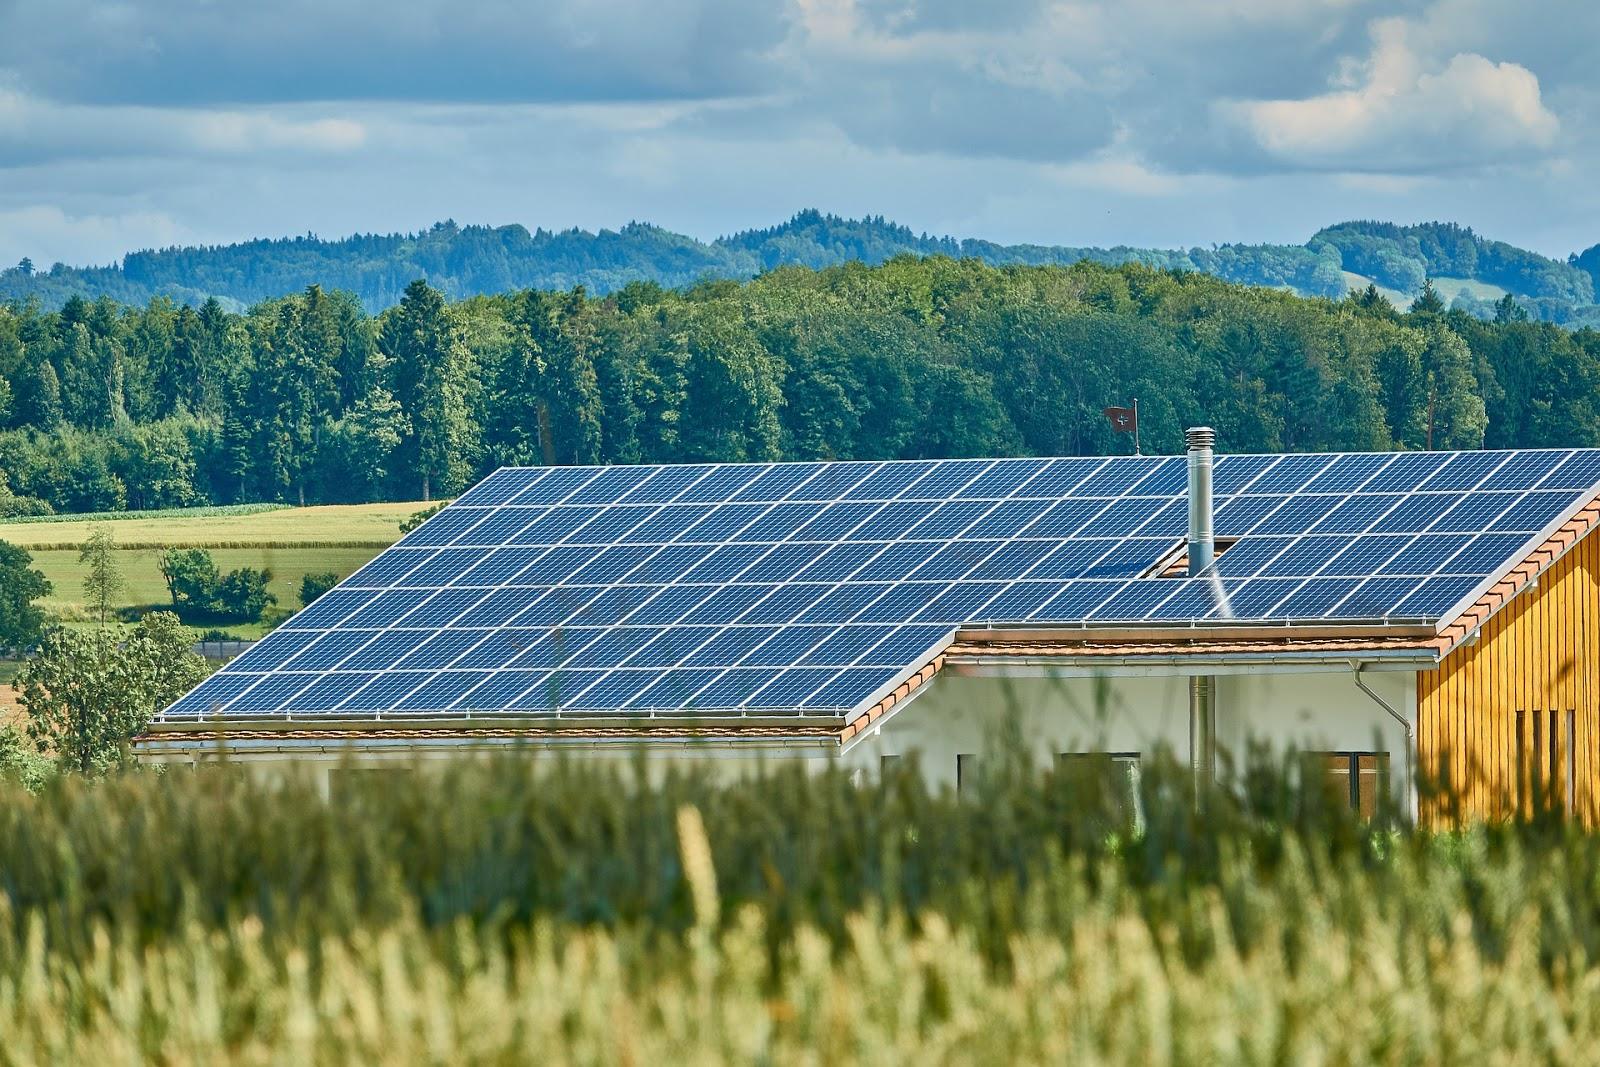 Painéis Solares instalados em uma fazenda nos Estados Unidos